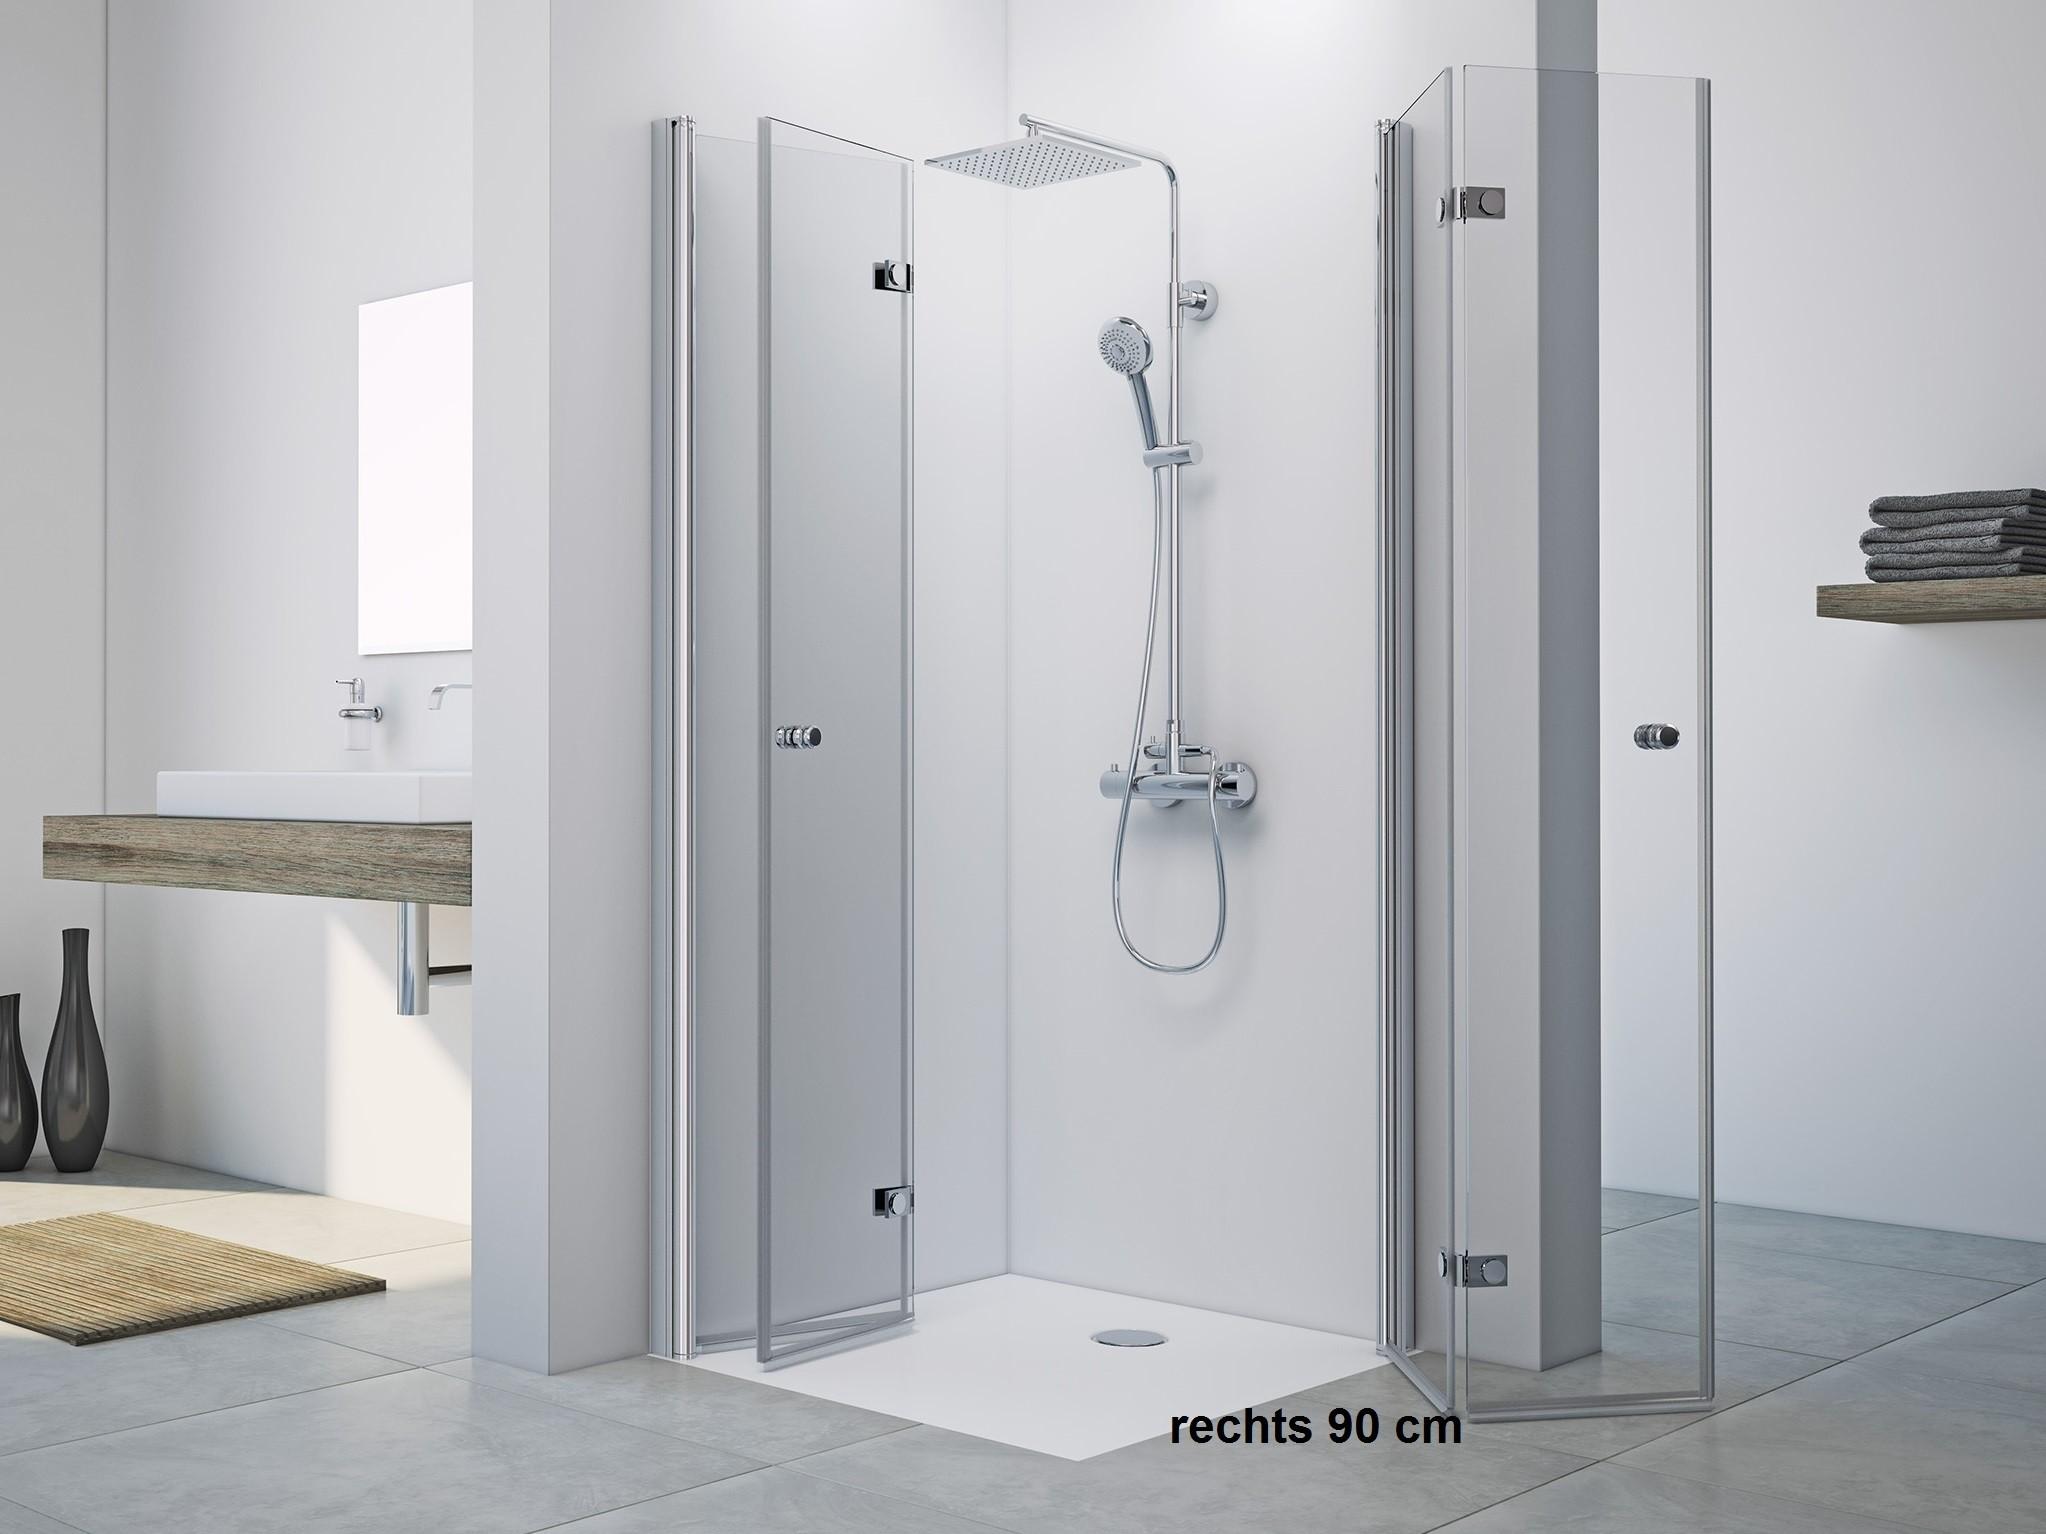 dusche drehfaltt r eckeinstieg 90 x 70 cm h he 2200 mm. Black Bedroom Furniture Sets. Home Design Ideas